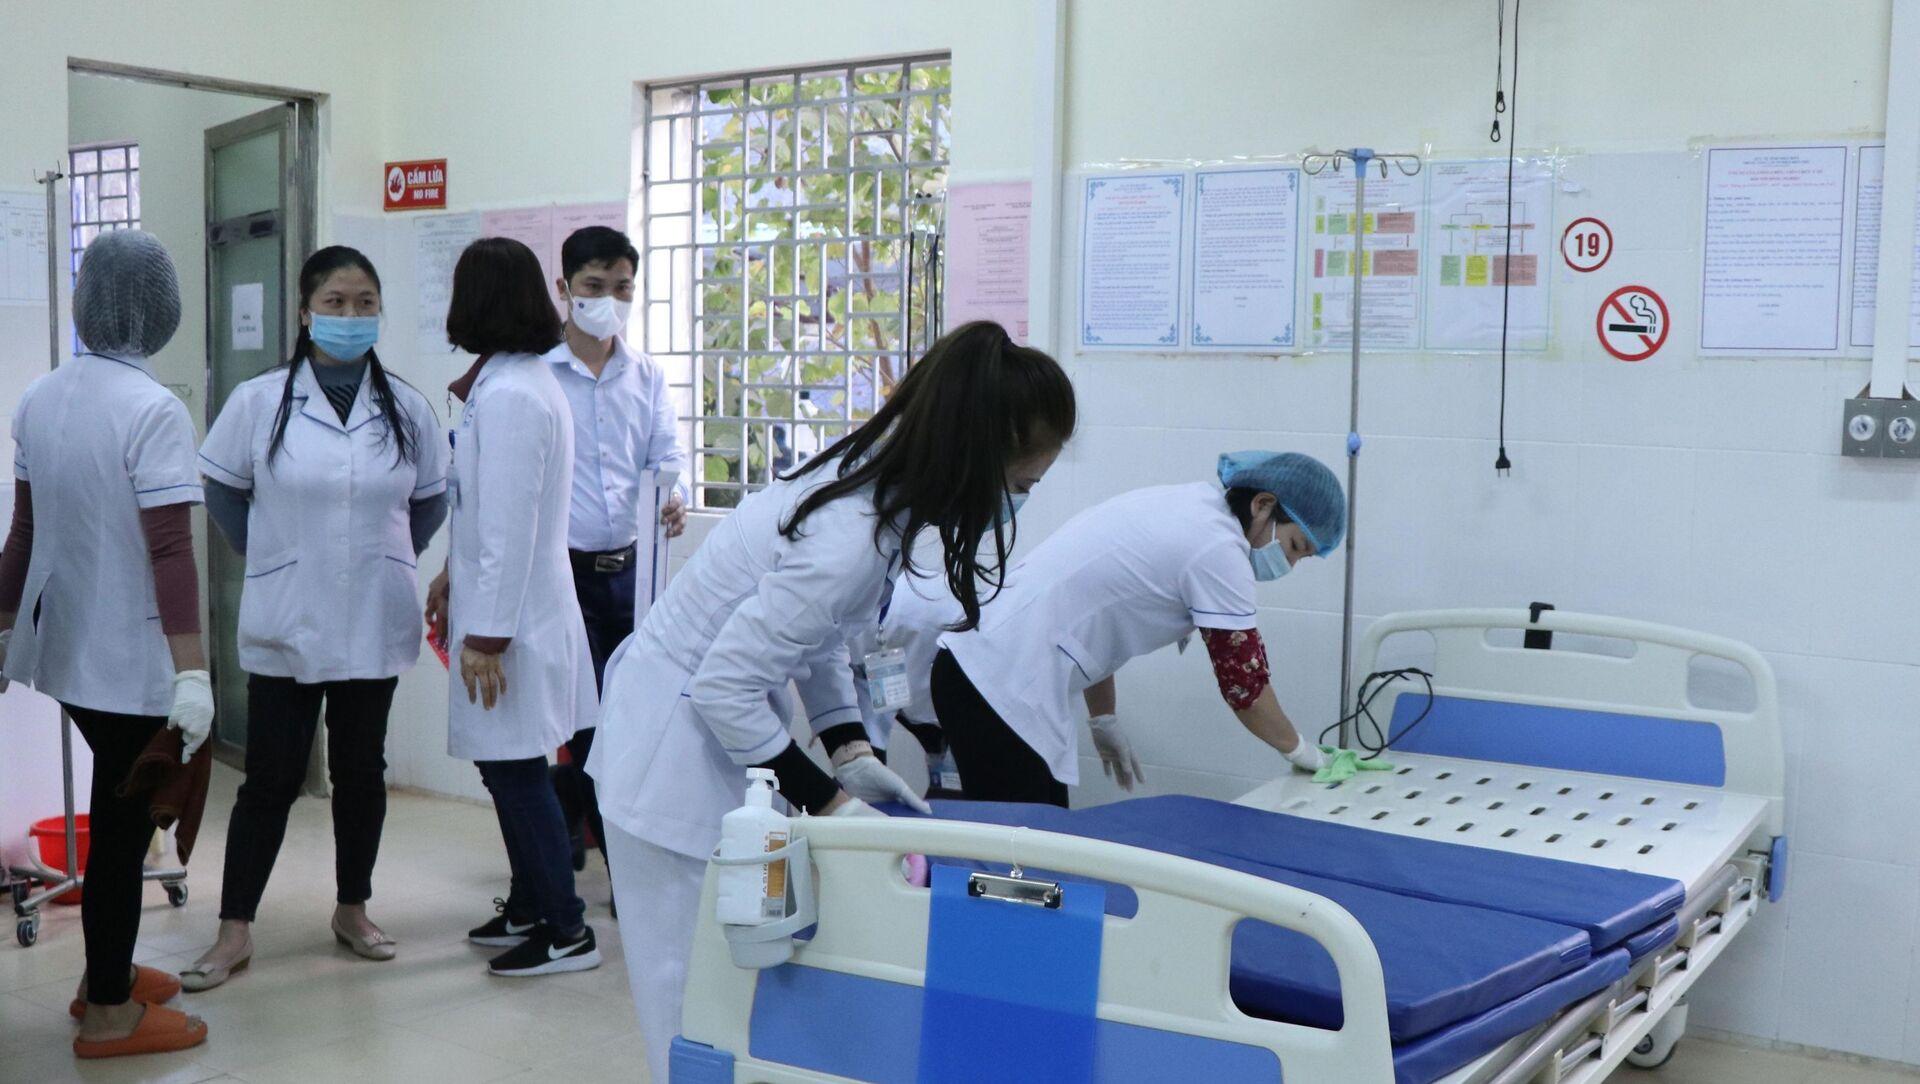 Giường bệnh tại khoa hồi sức trong Bệnh viện dã chiến.  - Sputnik Việt Nam, 1920, 07.02.2021